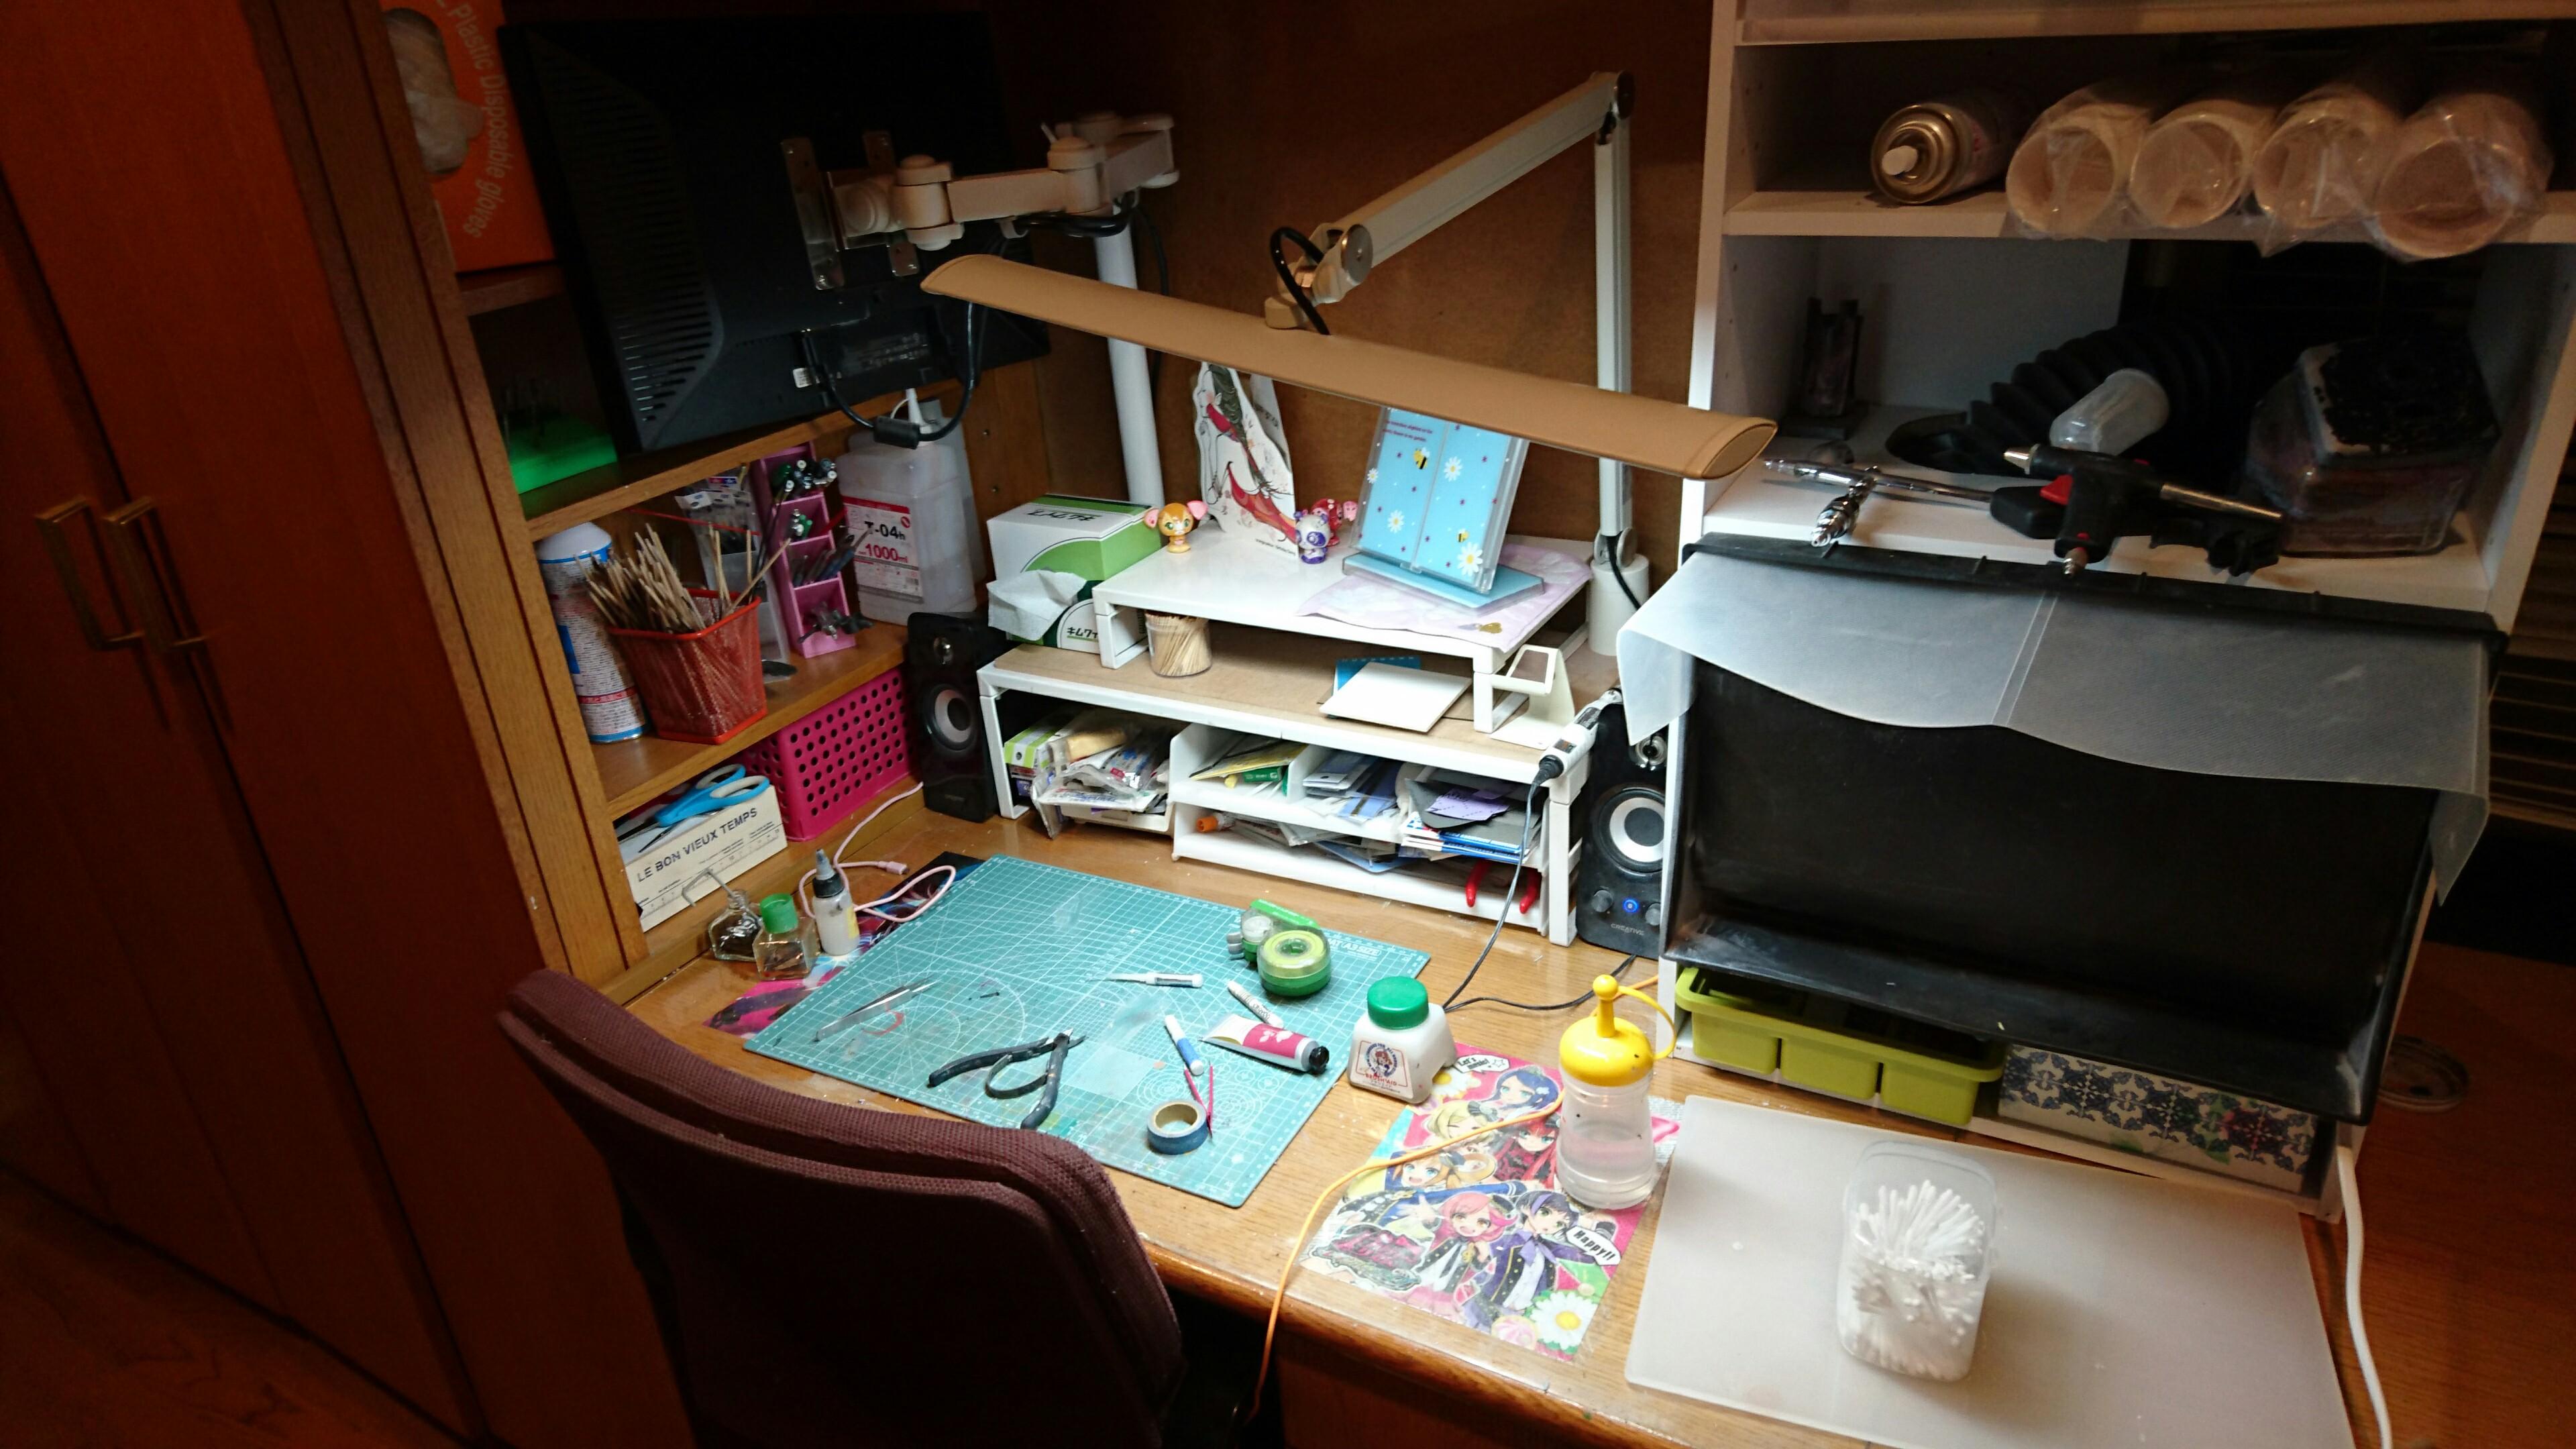 f:id:yoshihihihi:20170823223809j:image